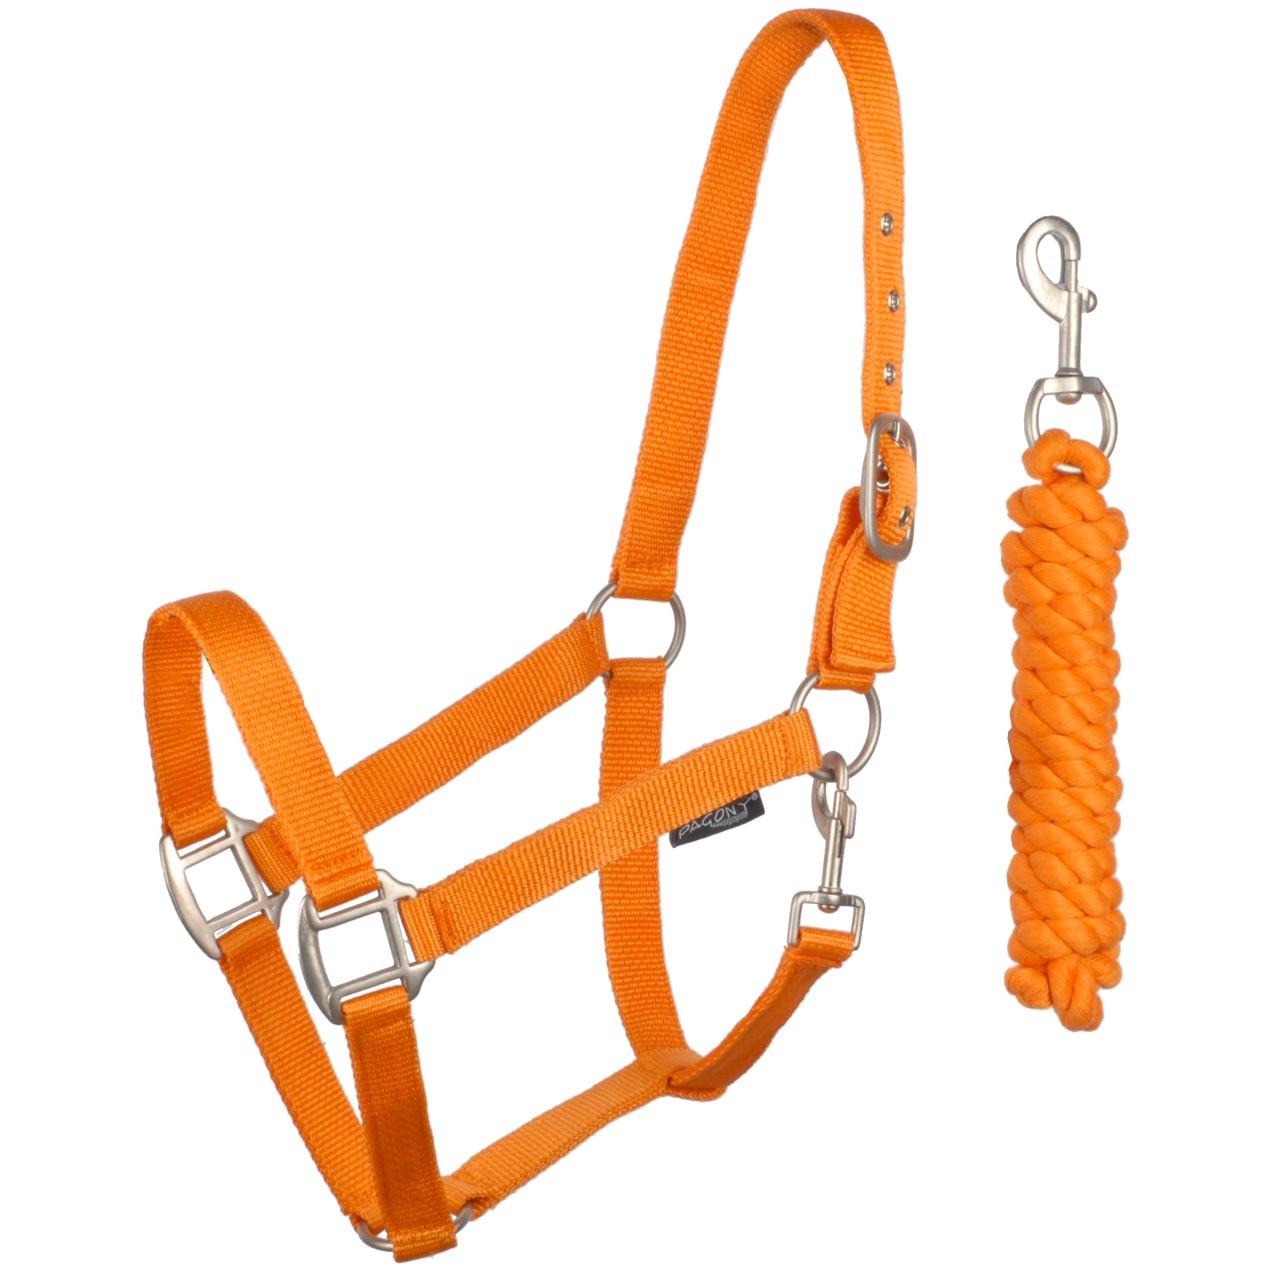 Pagony halsterset oranje oranje maat:pony